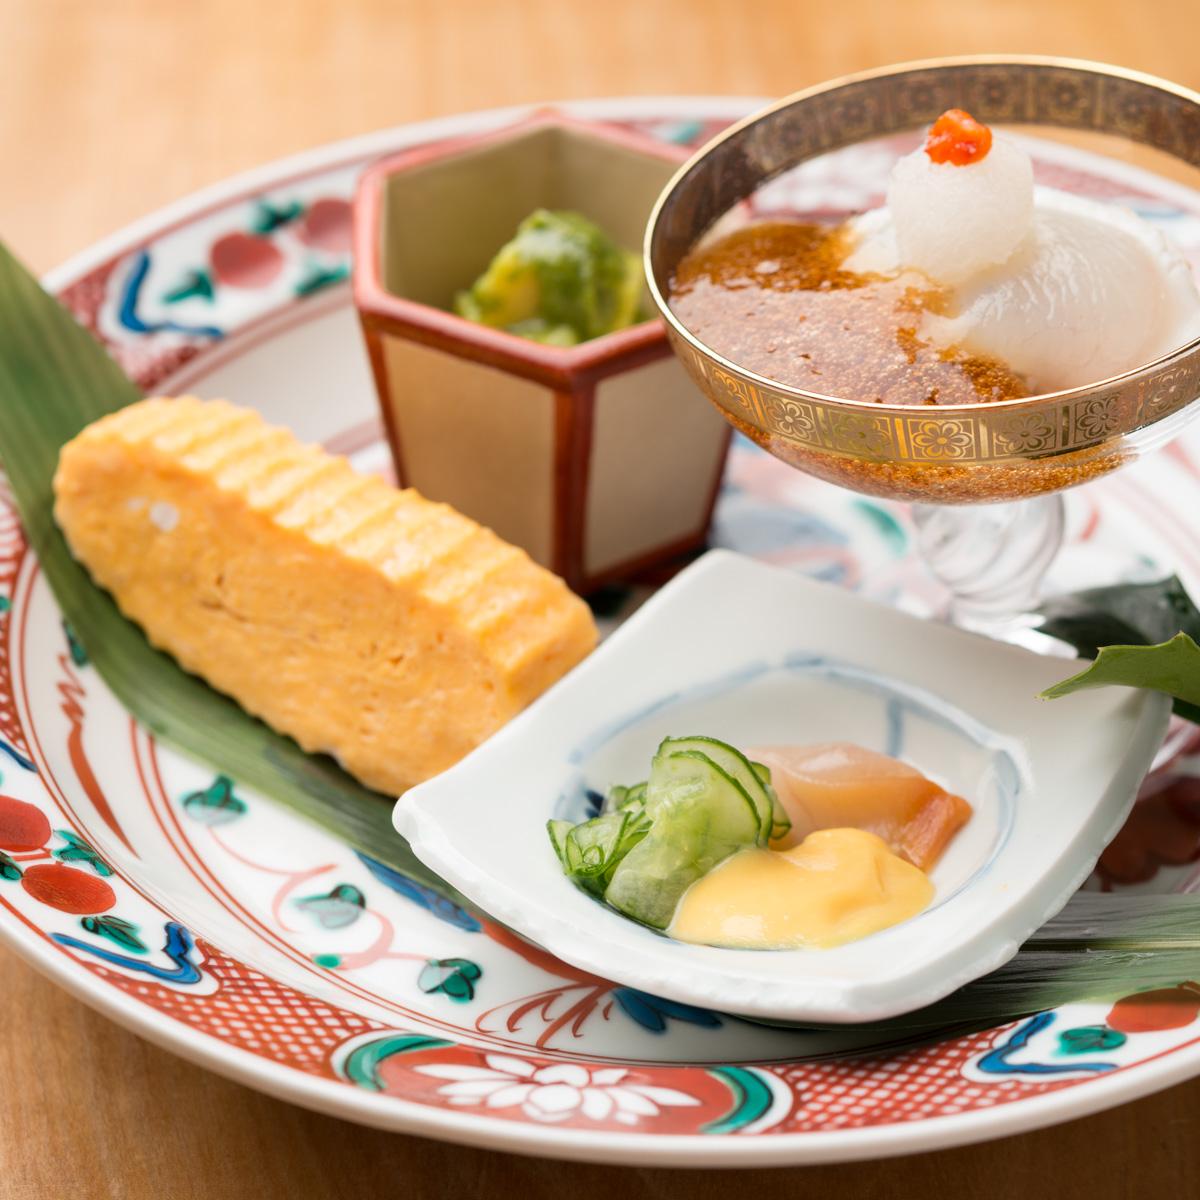 八寸 河豚のたたき 鉄皮和え、赤貝の黄身酢、甘海老と竹の子の木の芽味噌和え、出汁巻き玉子